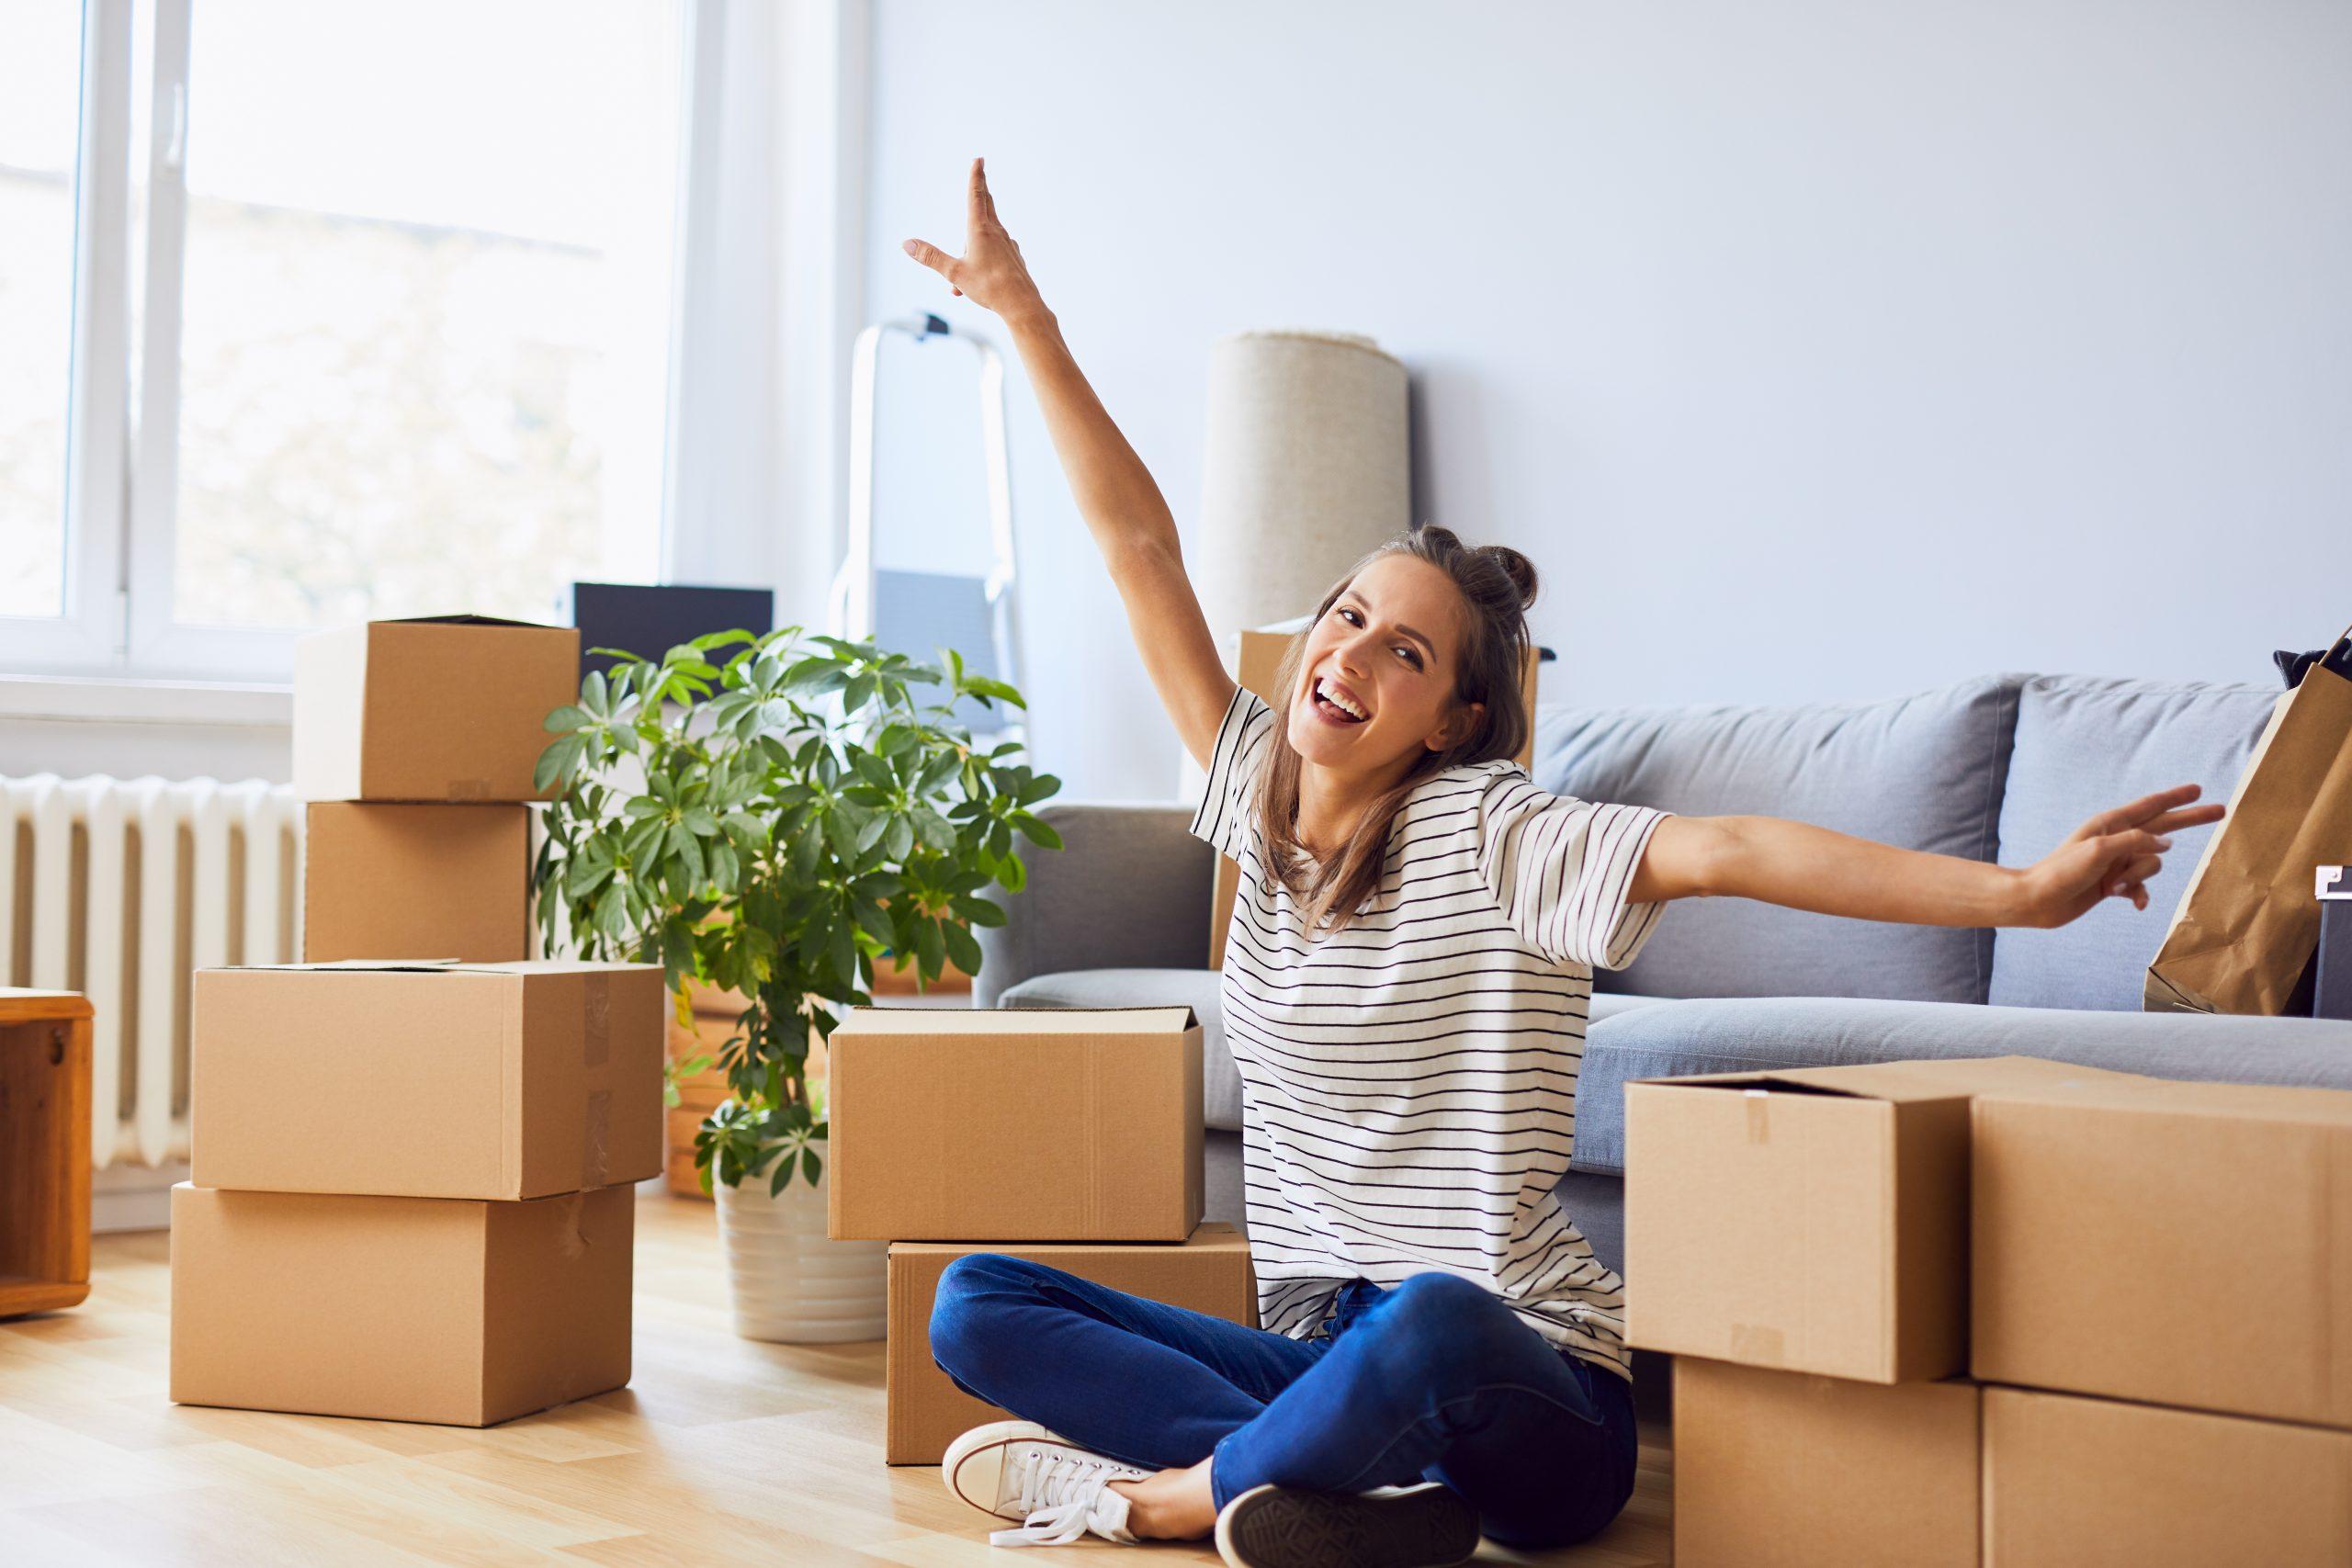 Was kostet das Leben? (Part 1) – Die erste eigene Wohnung